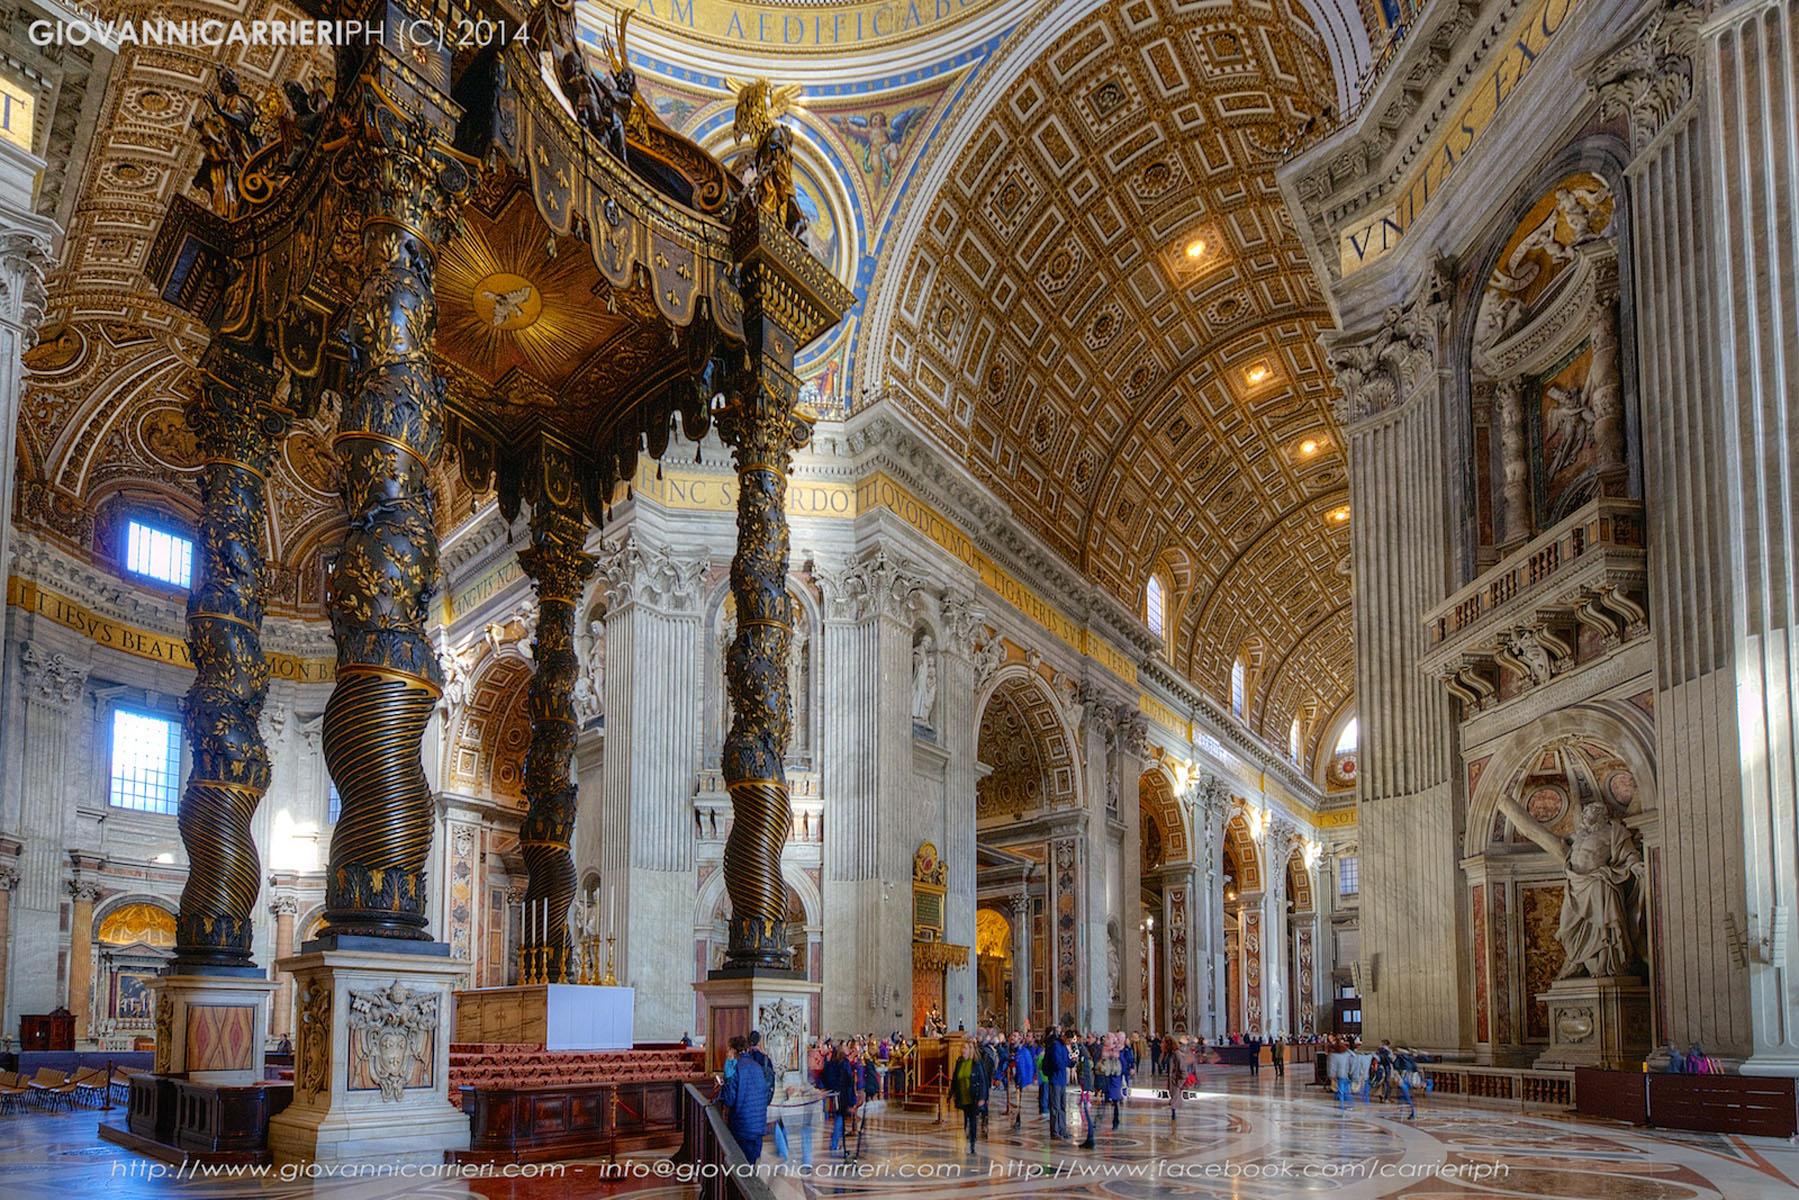 L'altare con il Baldacchino del Bernini